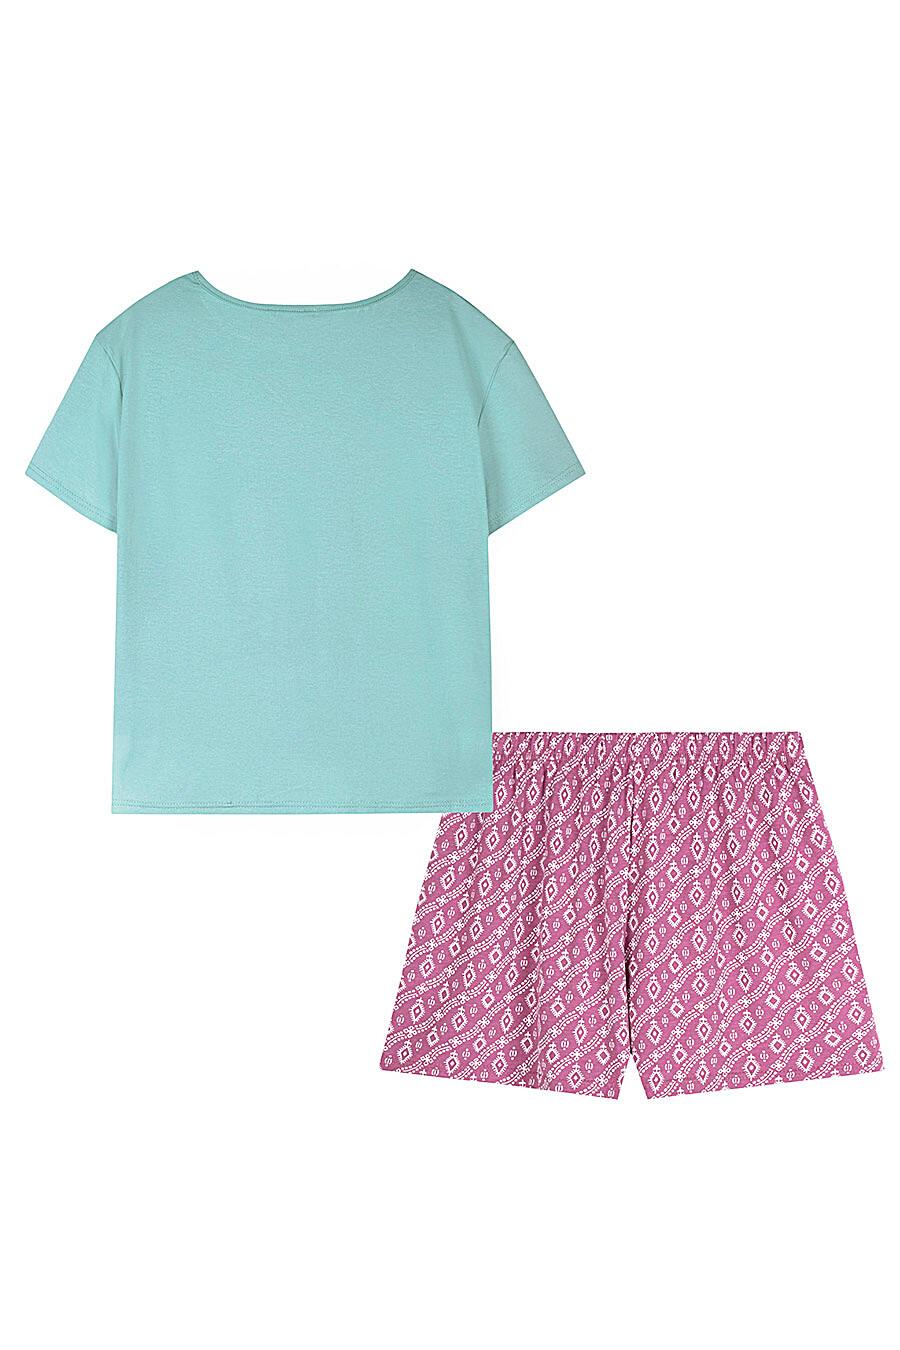 Пижама для женщин BOSSA NOVA 708543 купить оптом от производителя. Совместная покупка женской одежды в OptMoyo